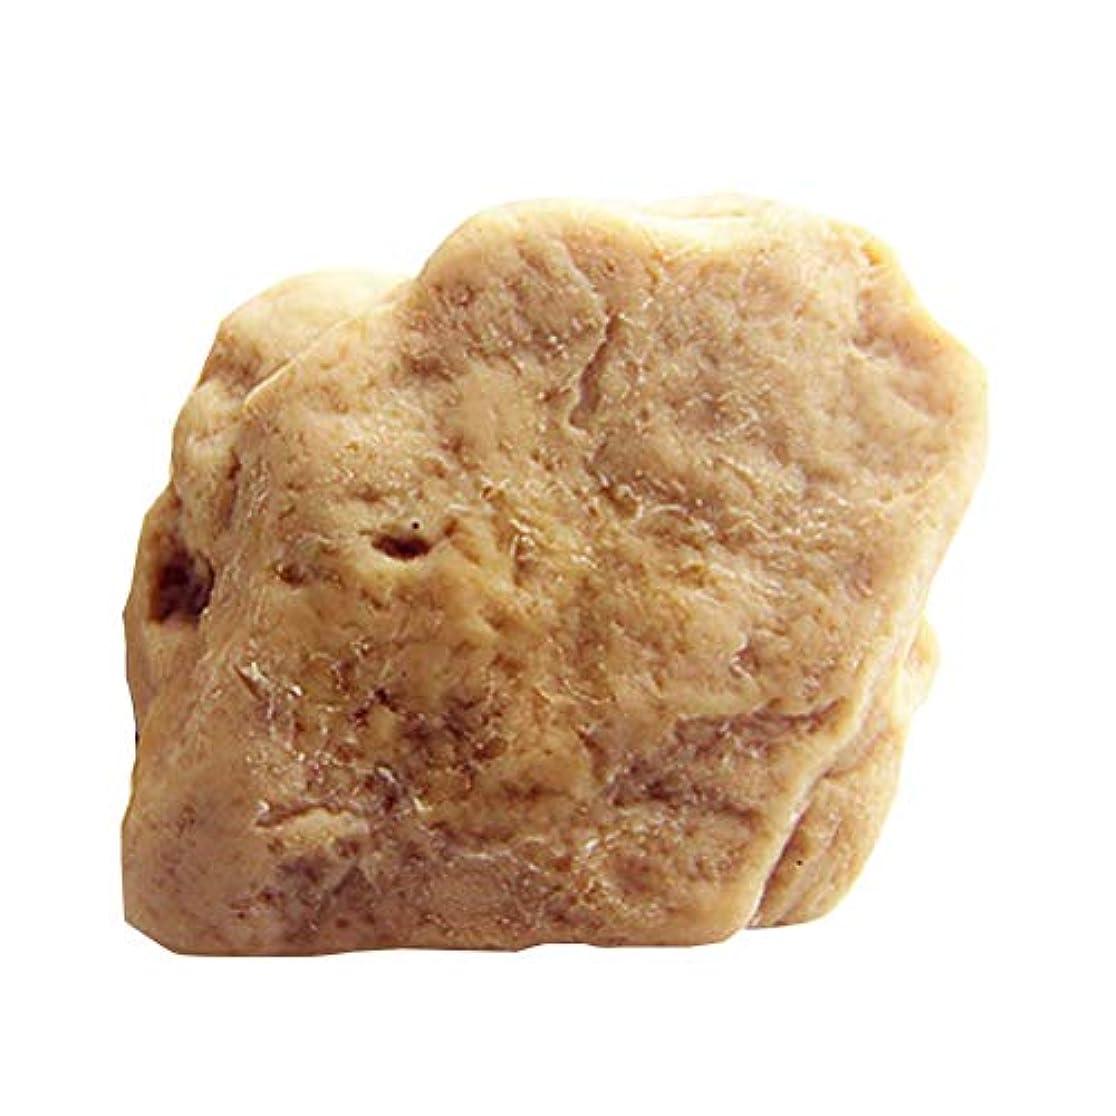 入場料うっかり絶壁Creacom オリーブオイル 石鹸 肌に優しい無添加 毛穴 対策 洗顔石鹸 保湿 固形 毛穴 黒ずみ 肌荒れ くすみ ニキビ 美白 美肌 角質除去 肌荒れ 乾燥肌 オイル肌 混合肌 対策 全身可能